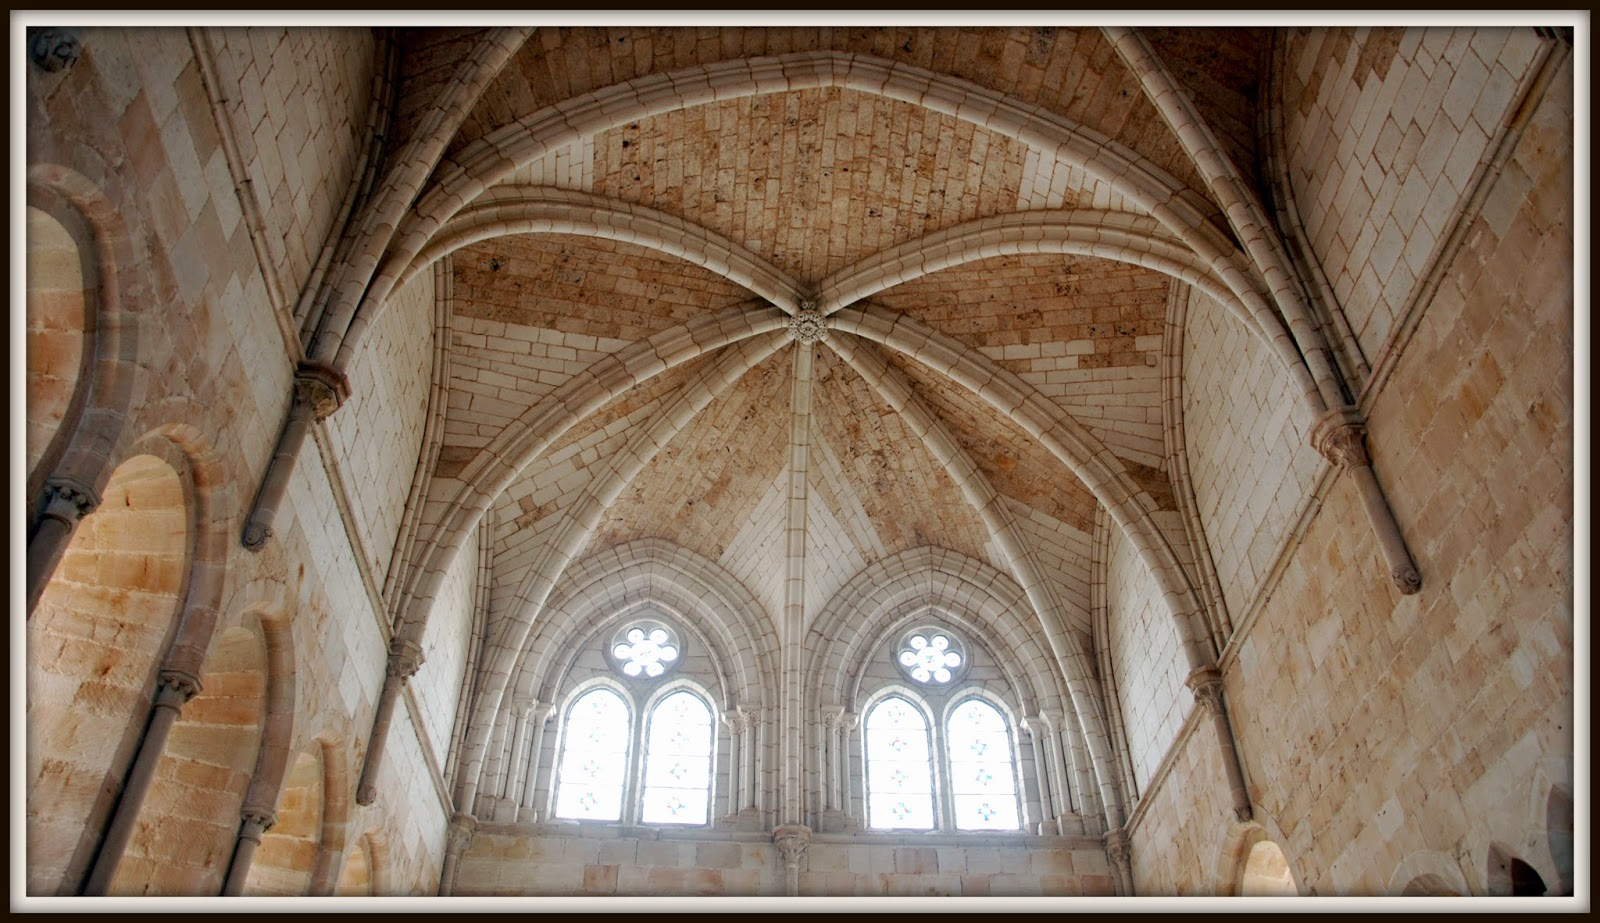 Bóveda Nervada del Monasterio de Santa María de Huerta, Soria